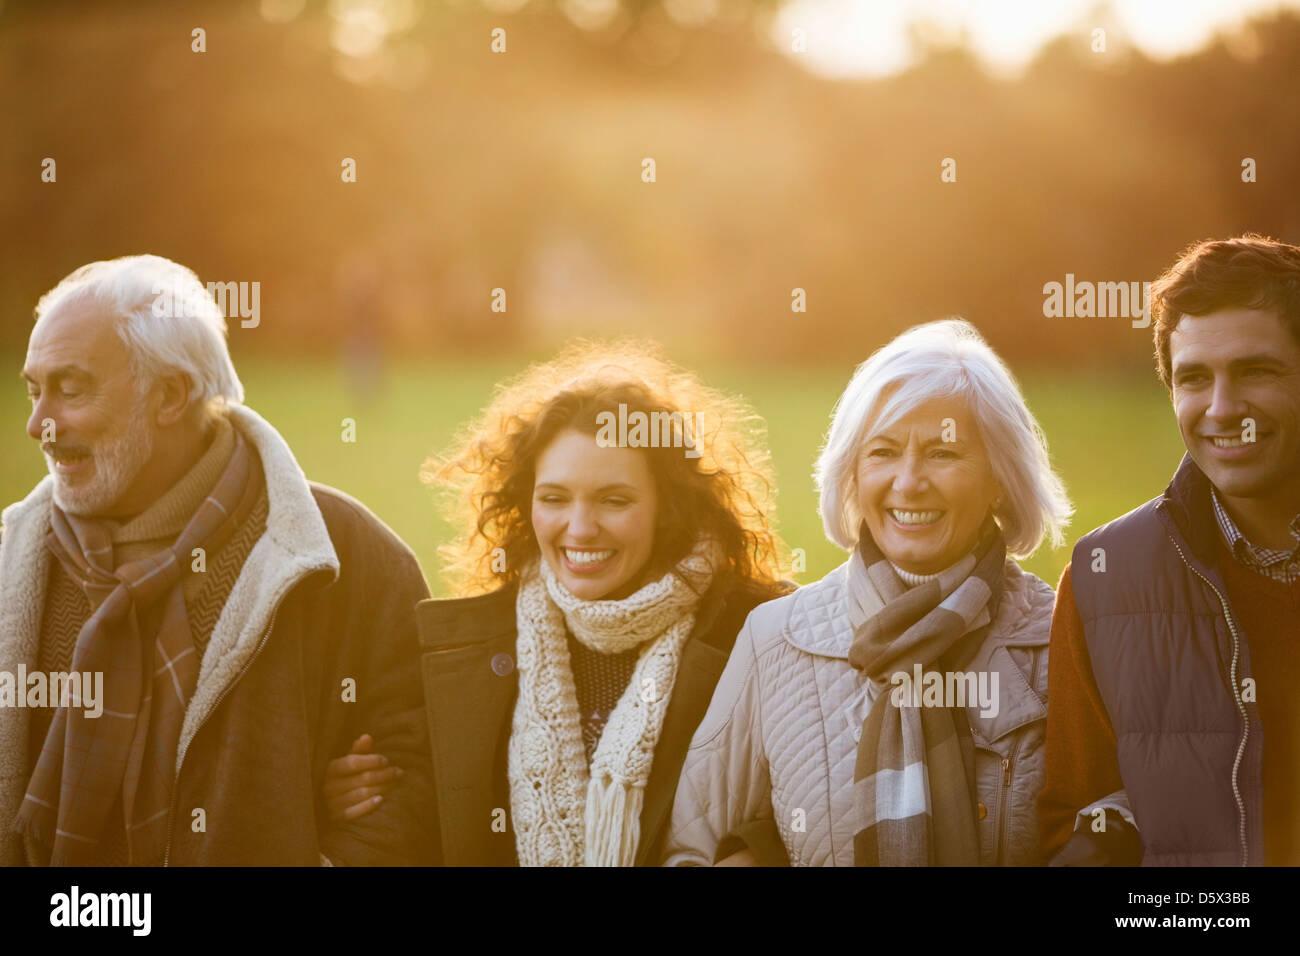 Familia caminando juntos en el parque Imagen De Stock